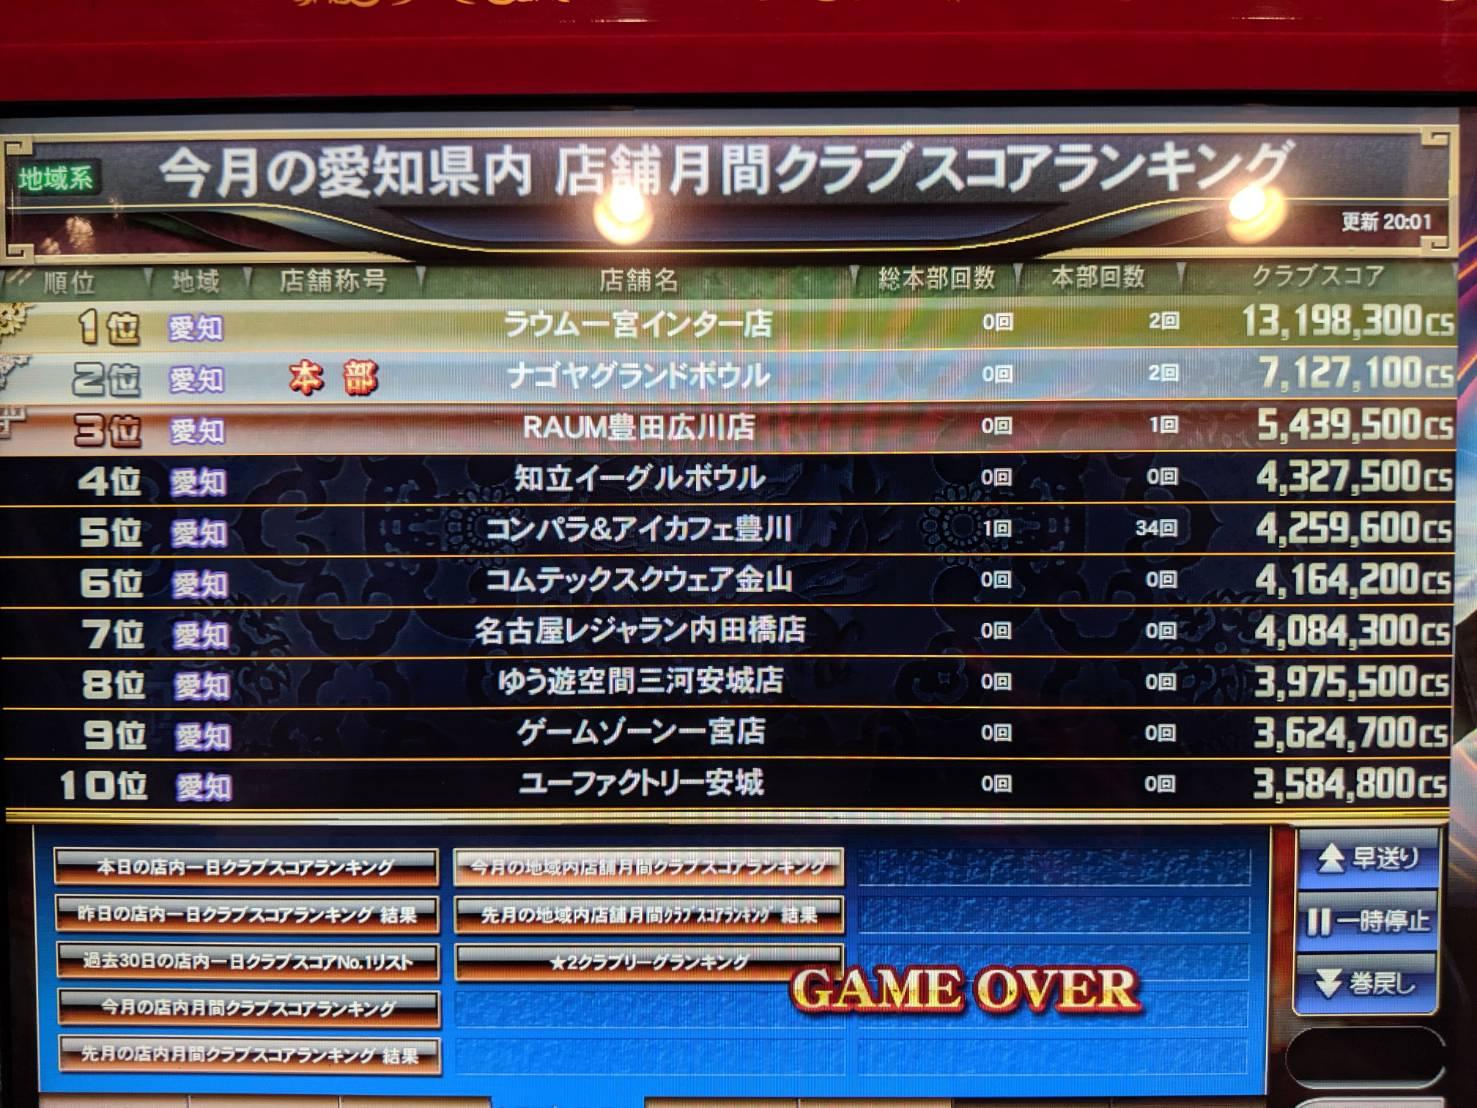 麻雀格闘倶楽部 7月度ランキング